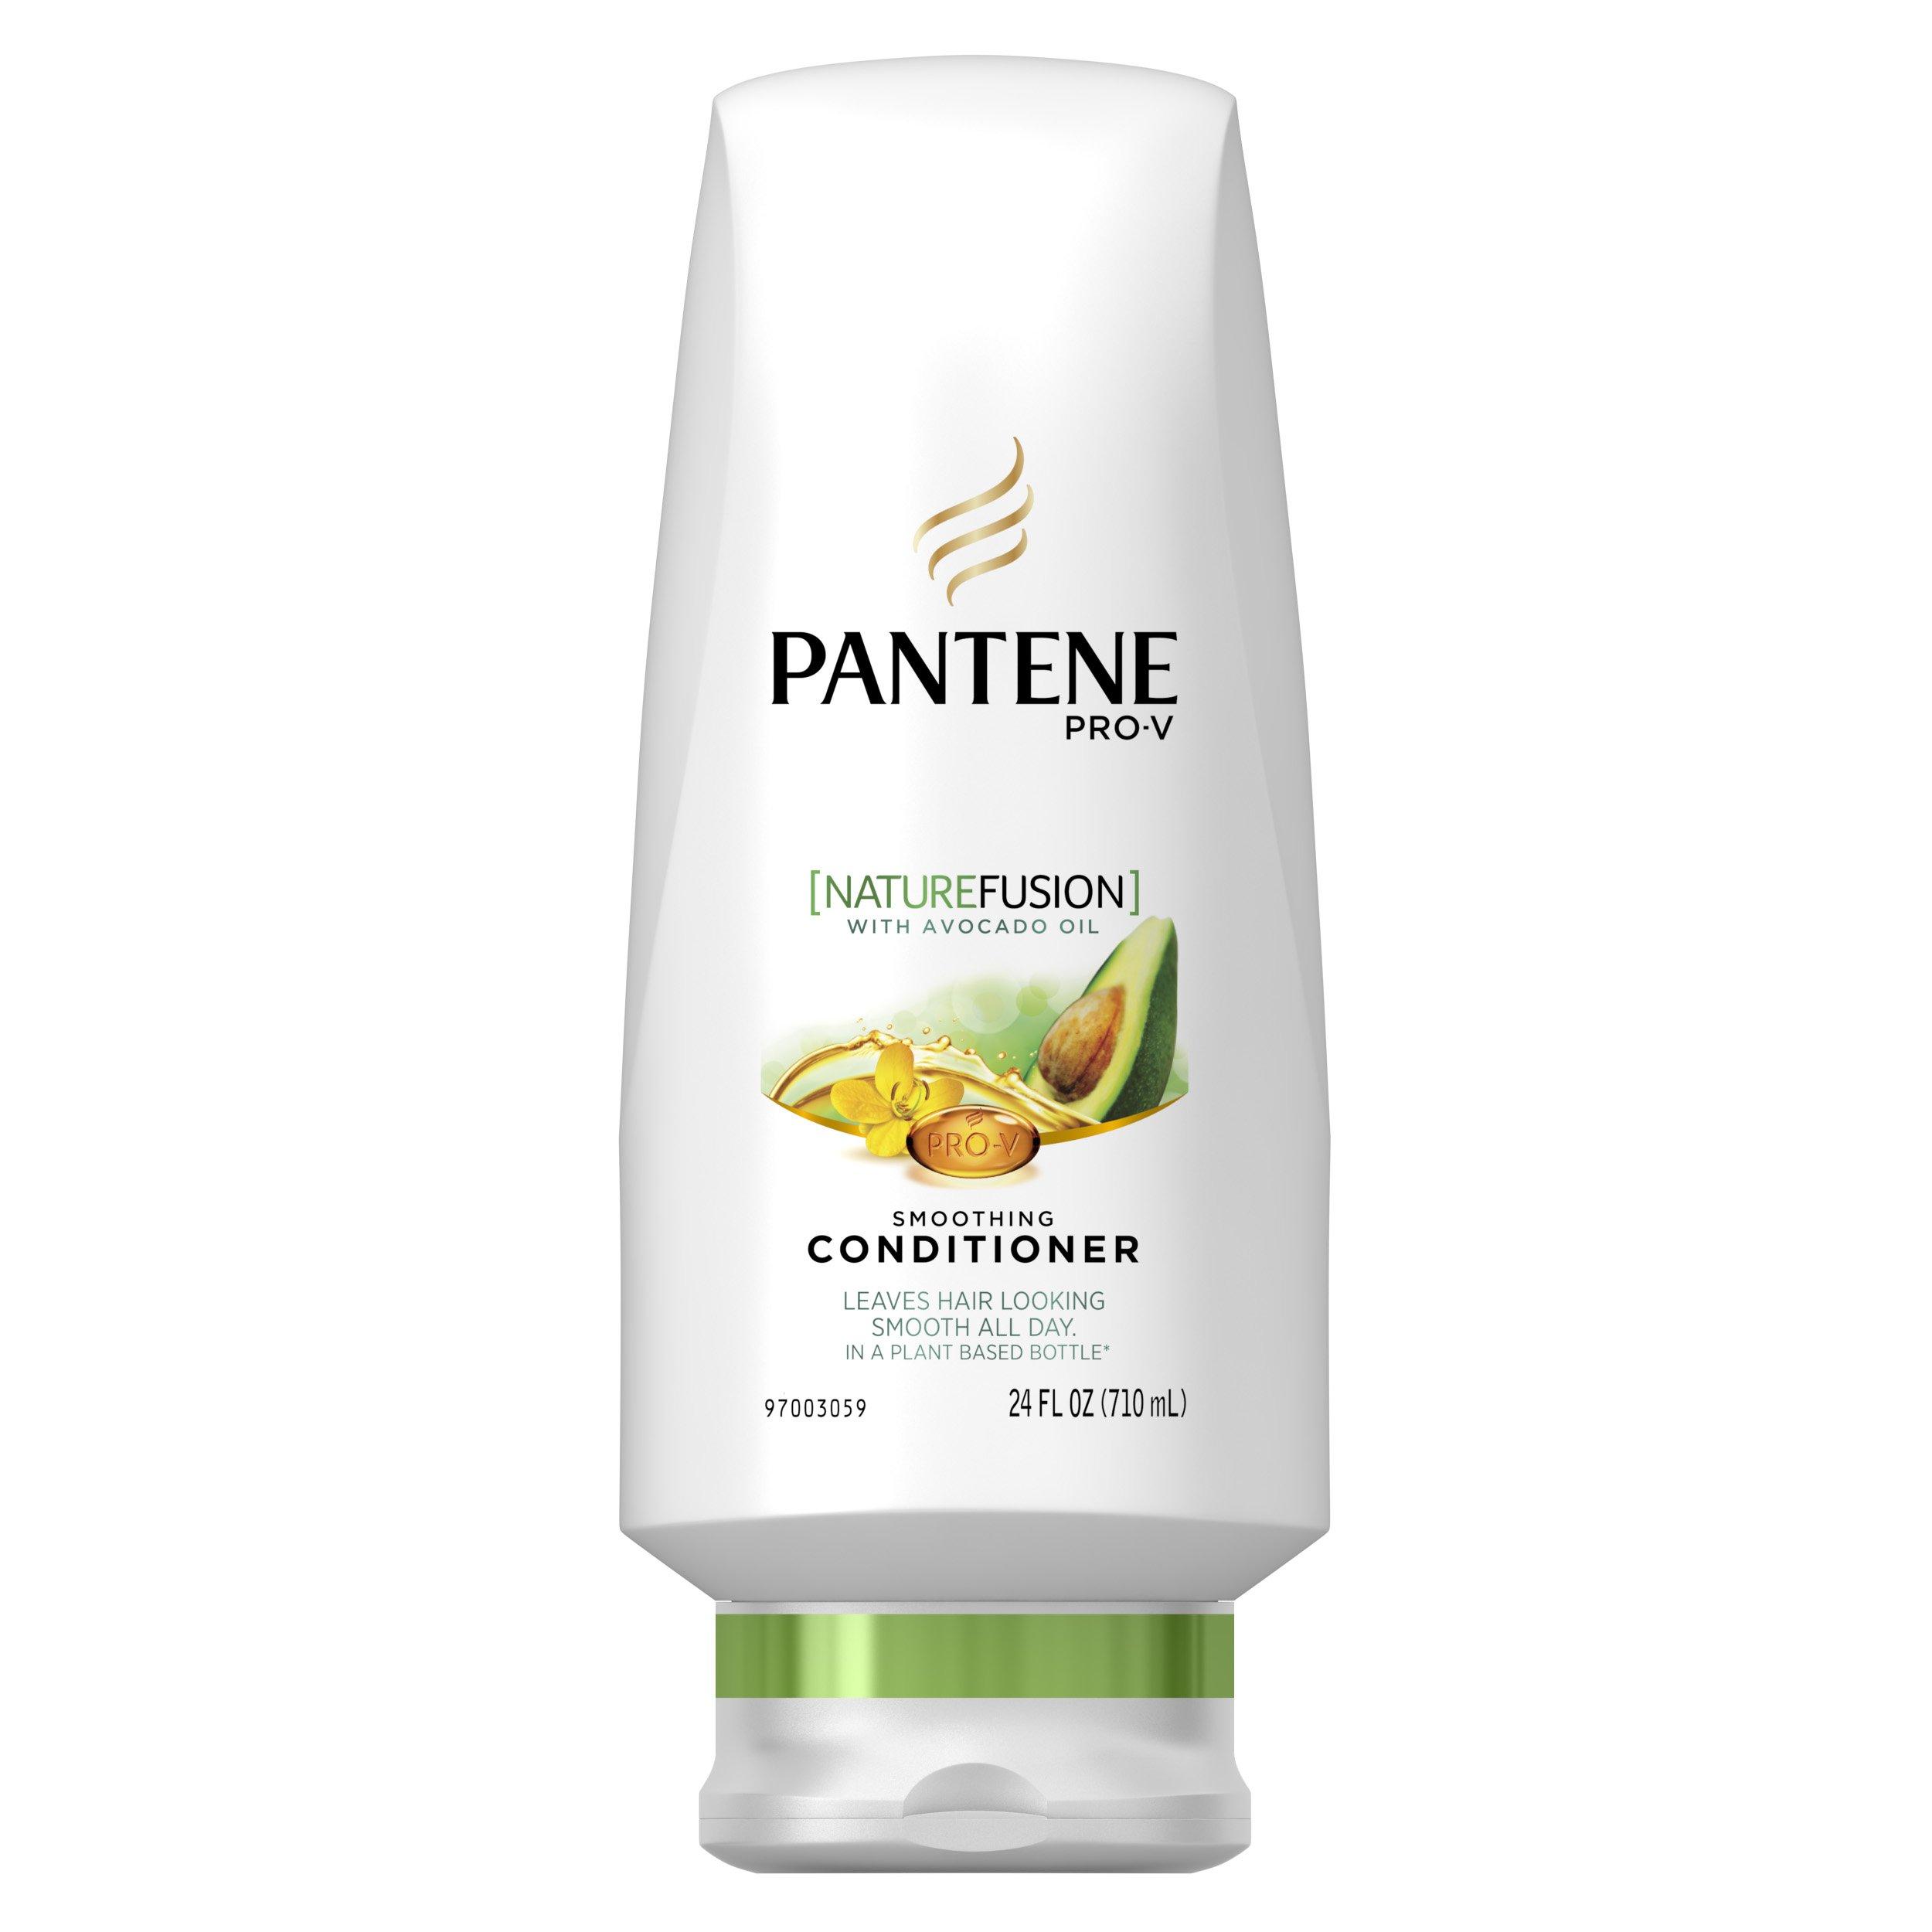 Amazon.com: Pantene Pro-V Nature Fusion Smoothing Shampoo